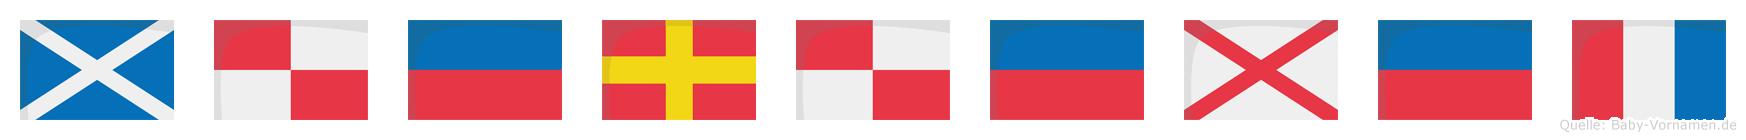 Mürüvet im Flaggenalphabet